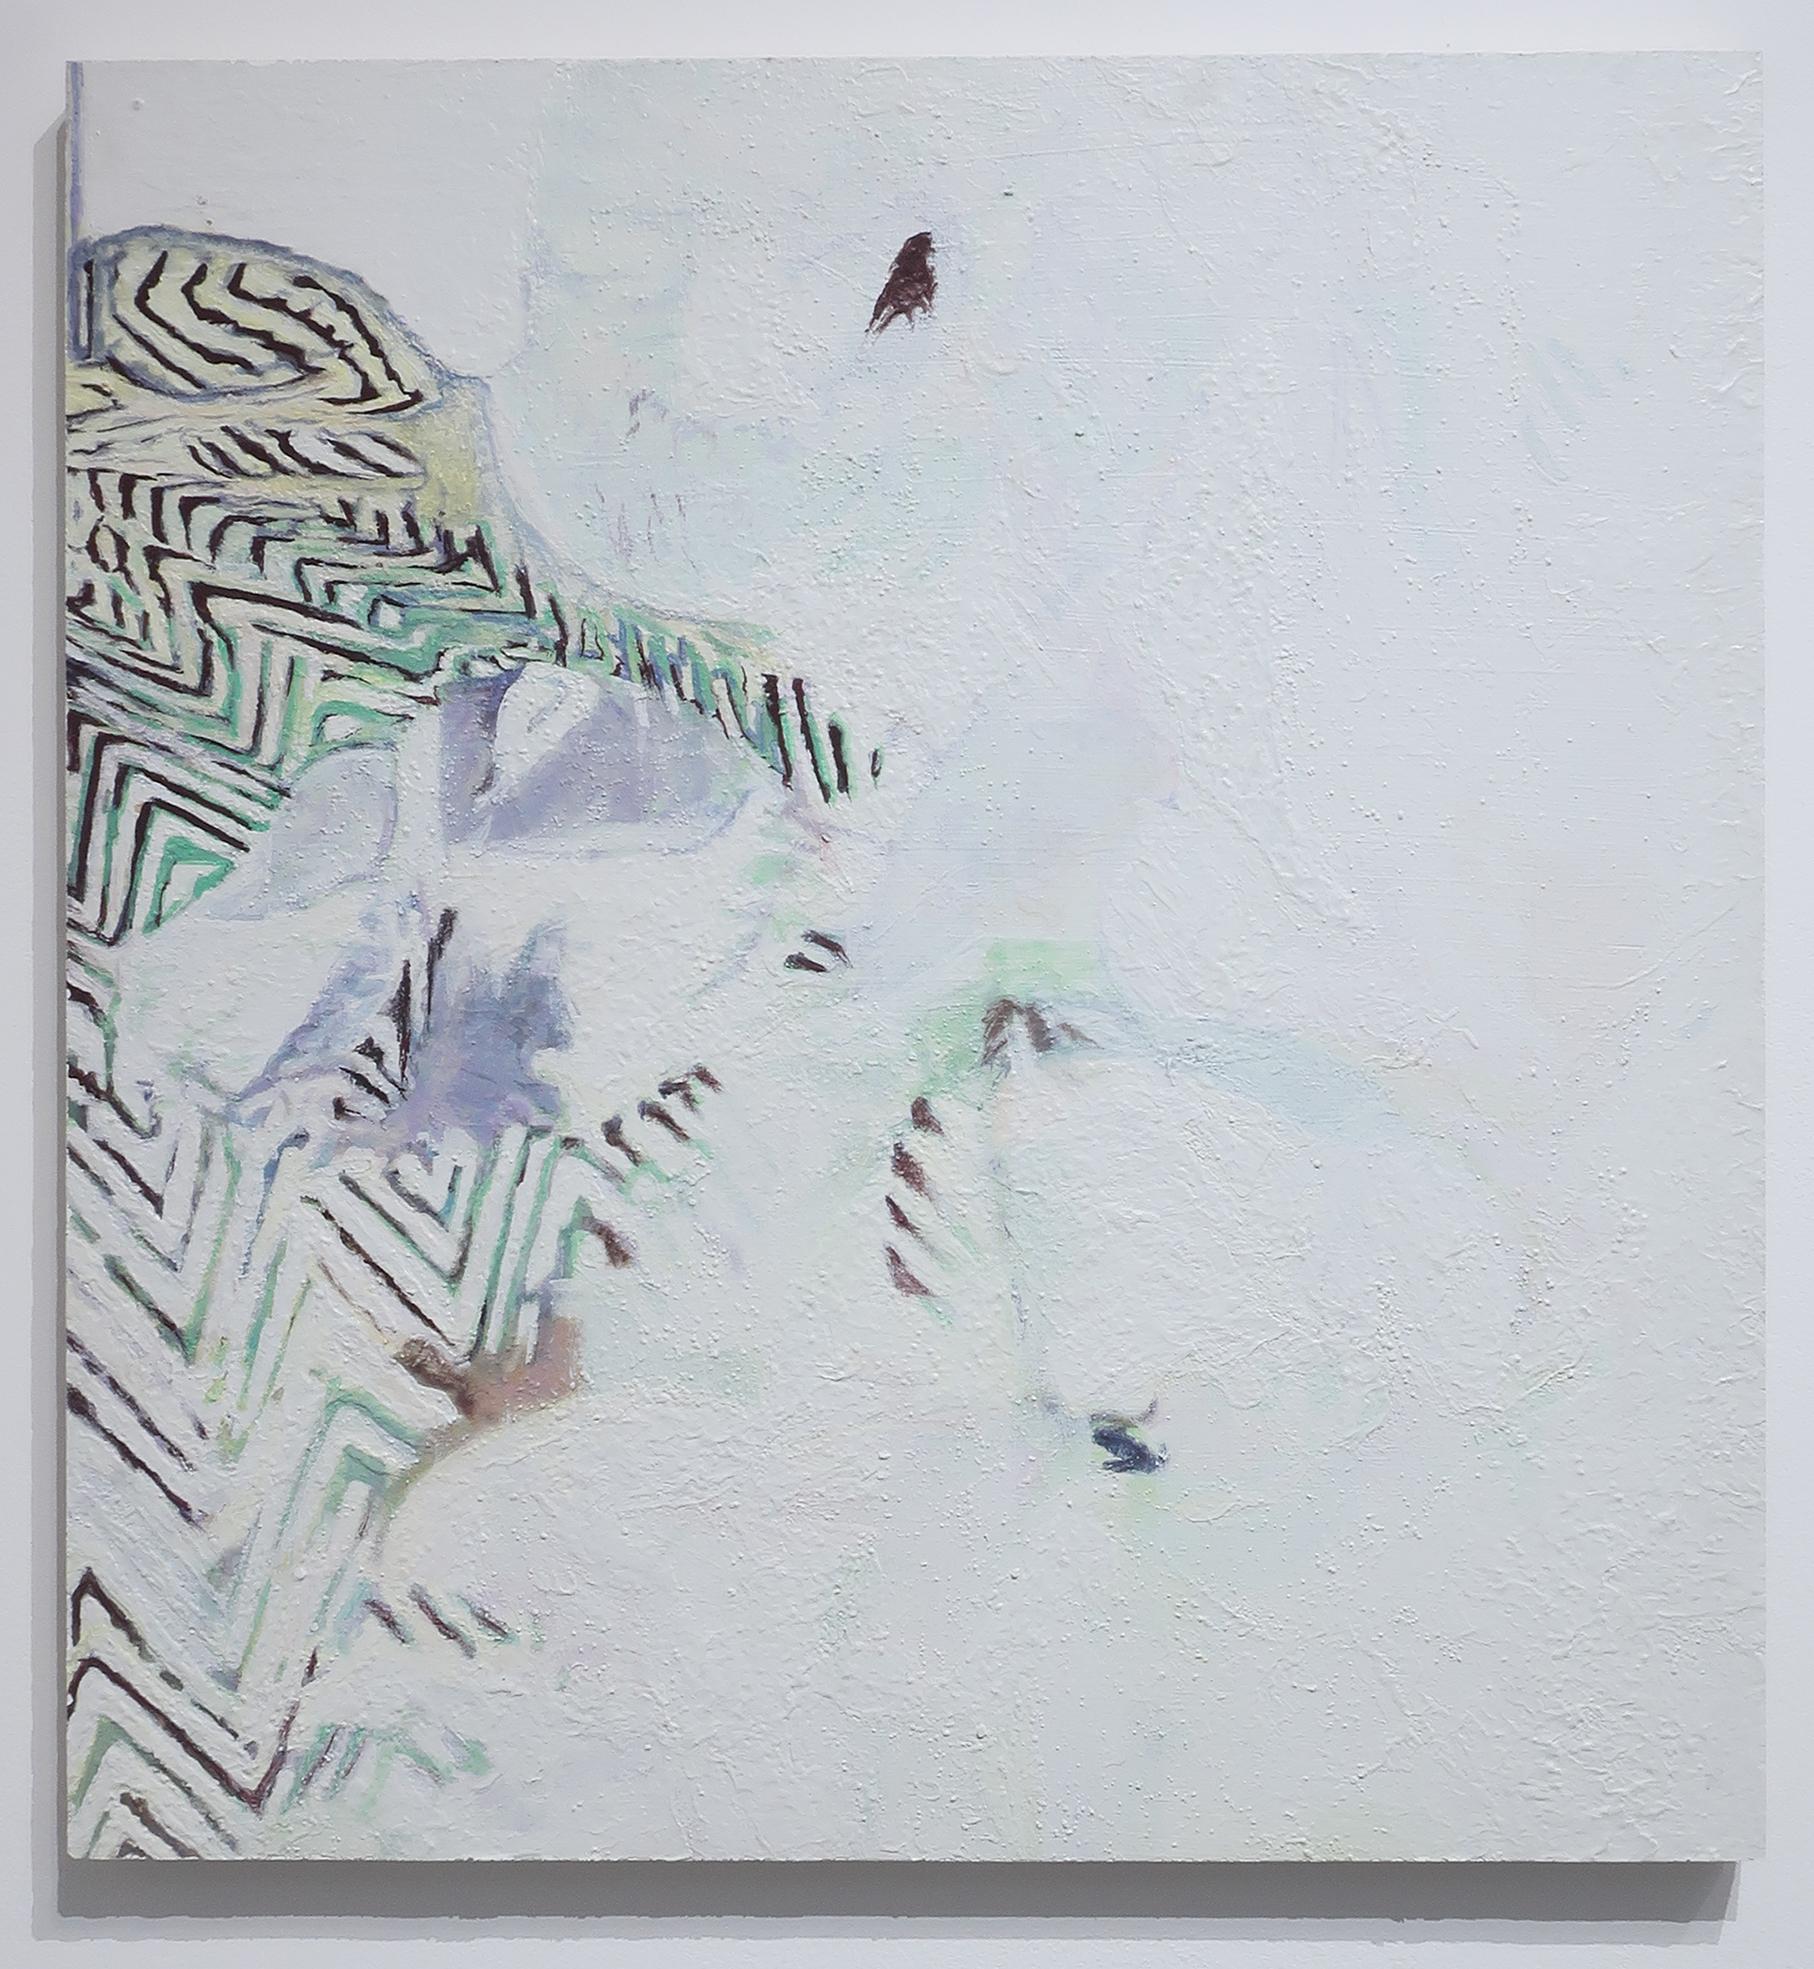 Plasme, acrylique et gouache sur bois, 60 x 64 cm, 2018